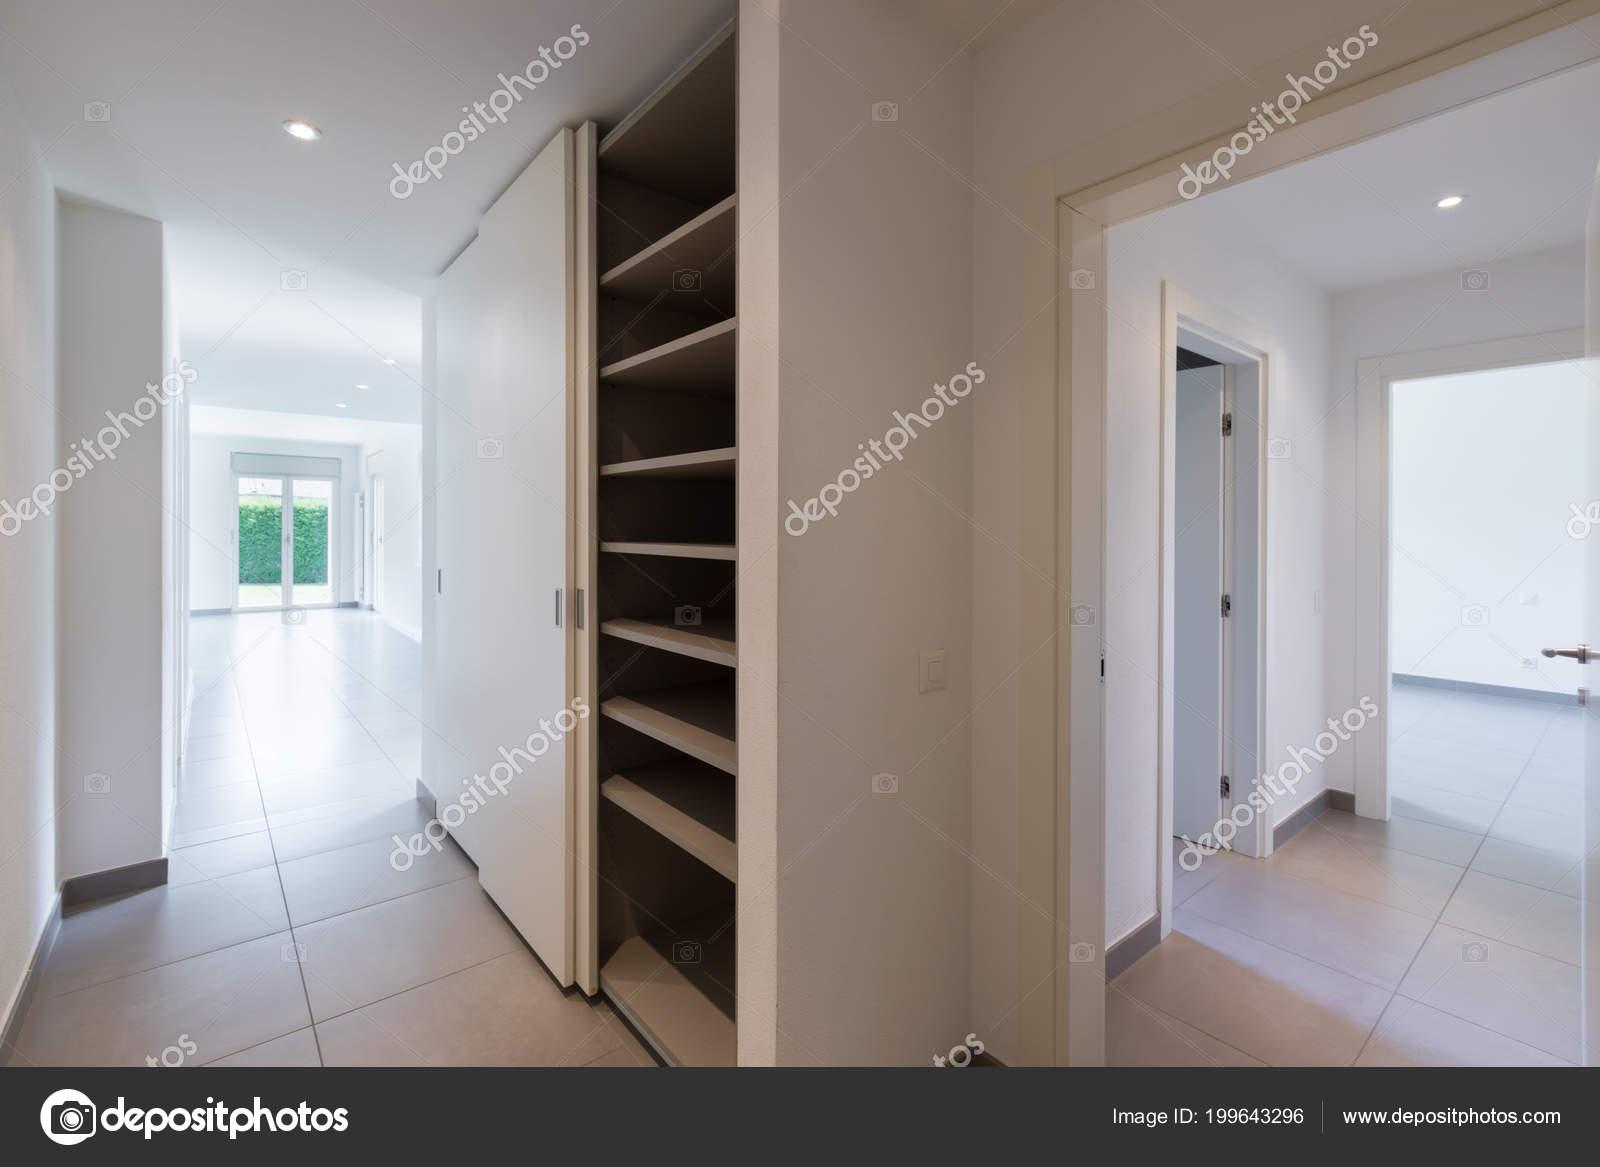 Schön Schrank Flur Foto Von Mit Großem Offenen Und Viele Türen Öffnen